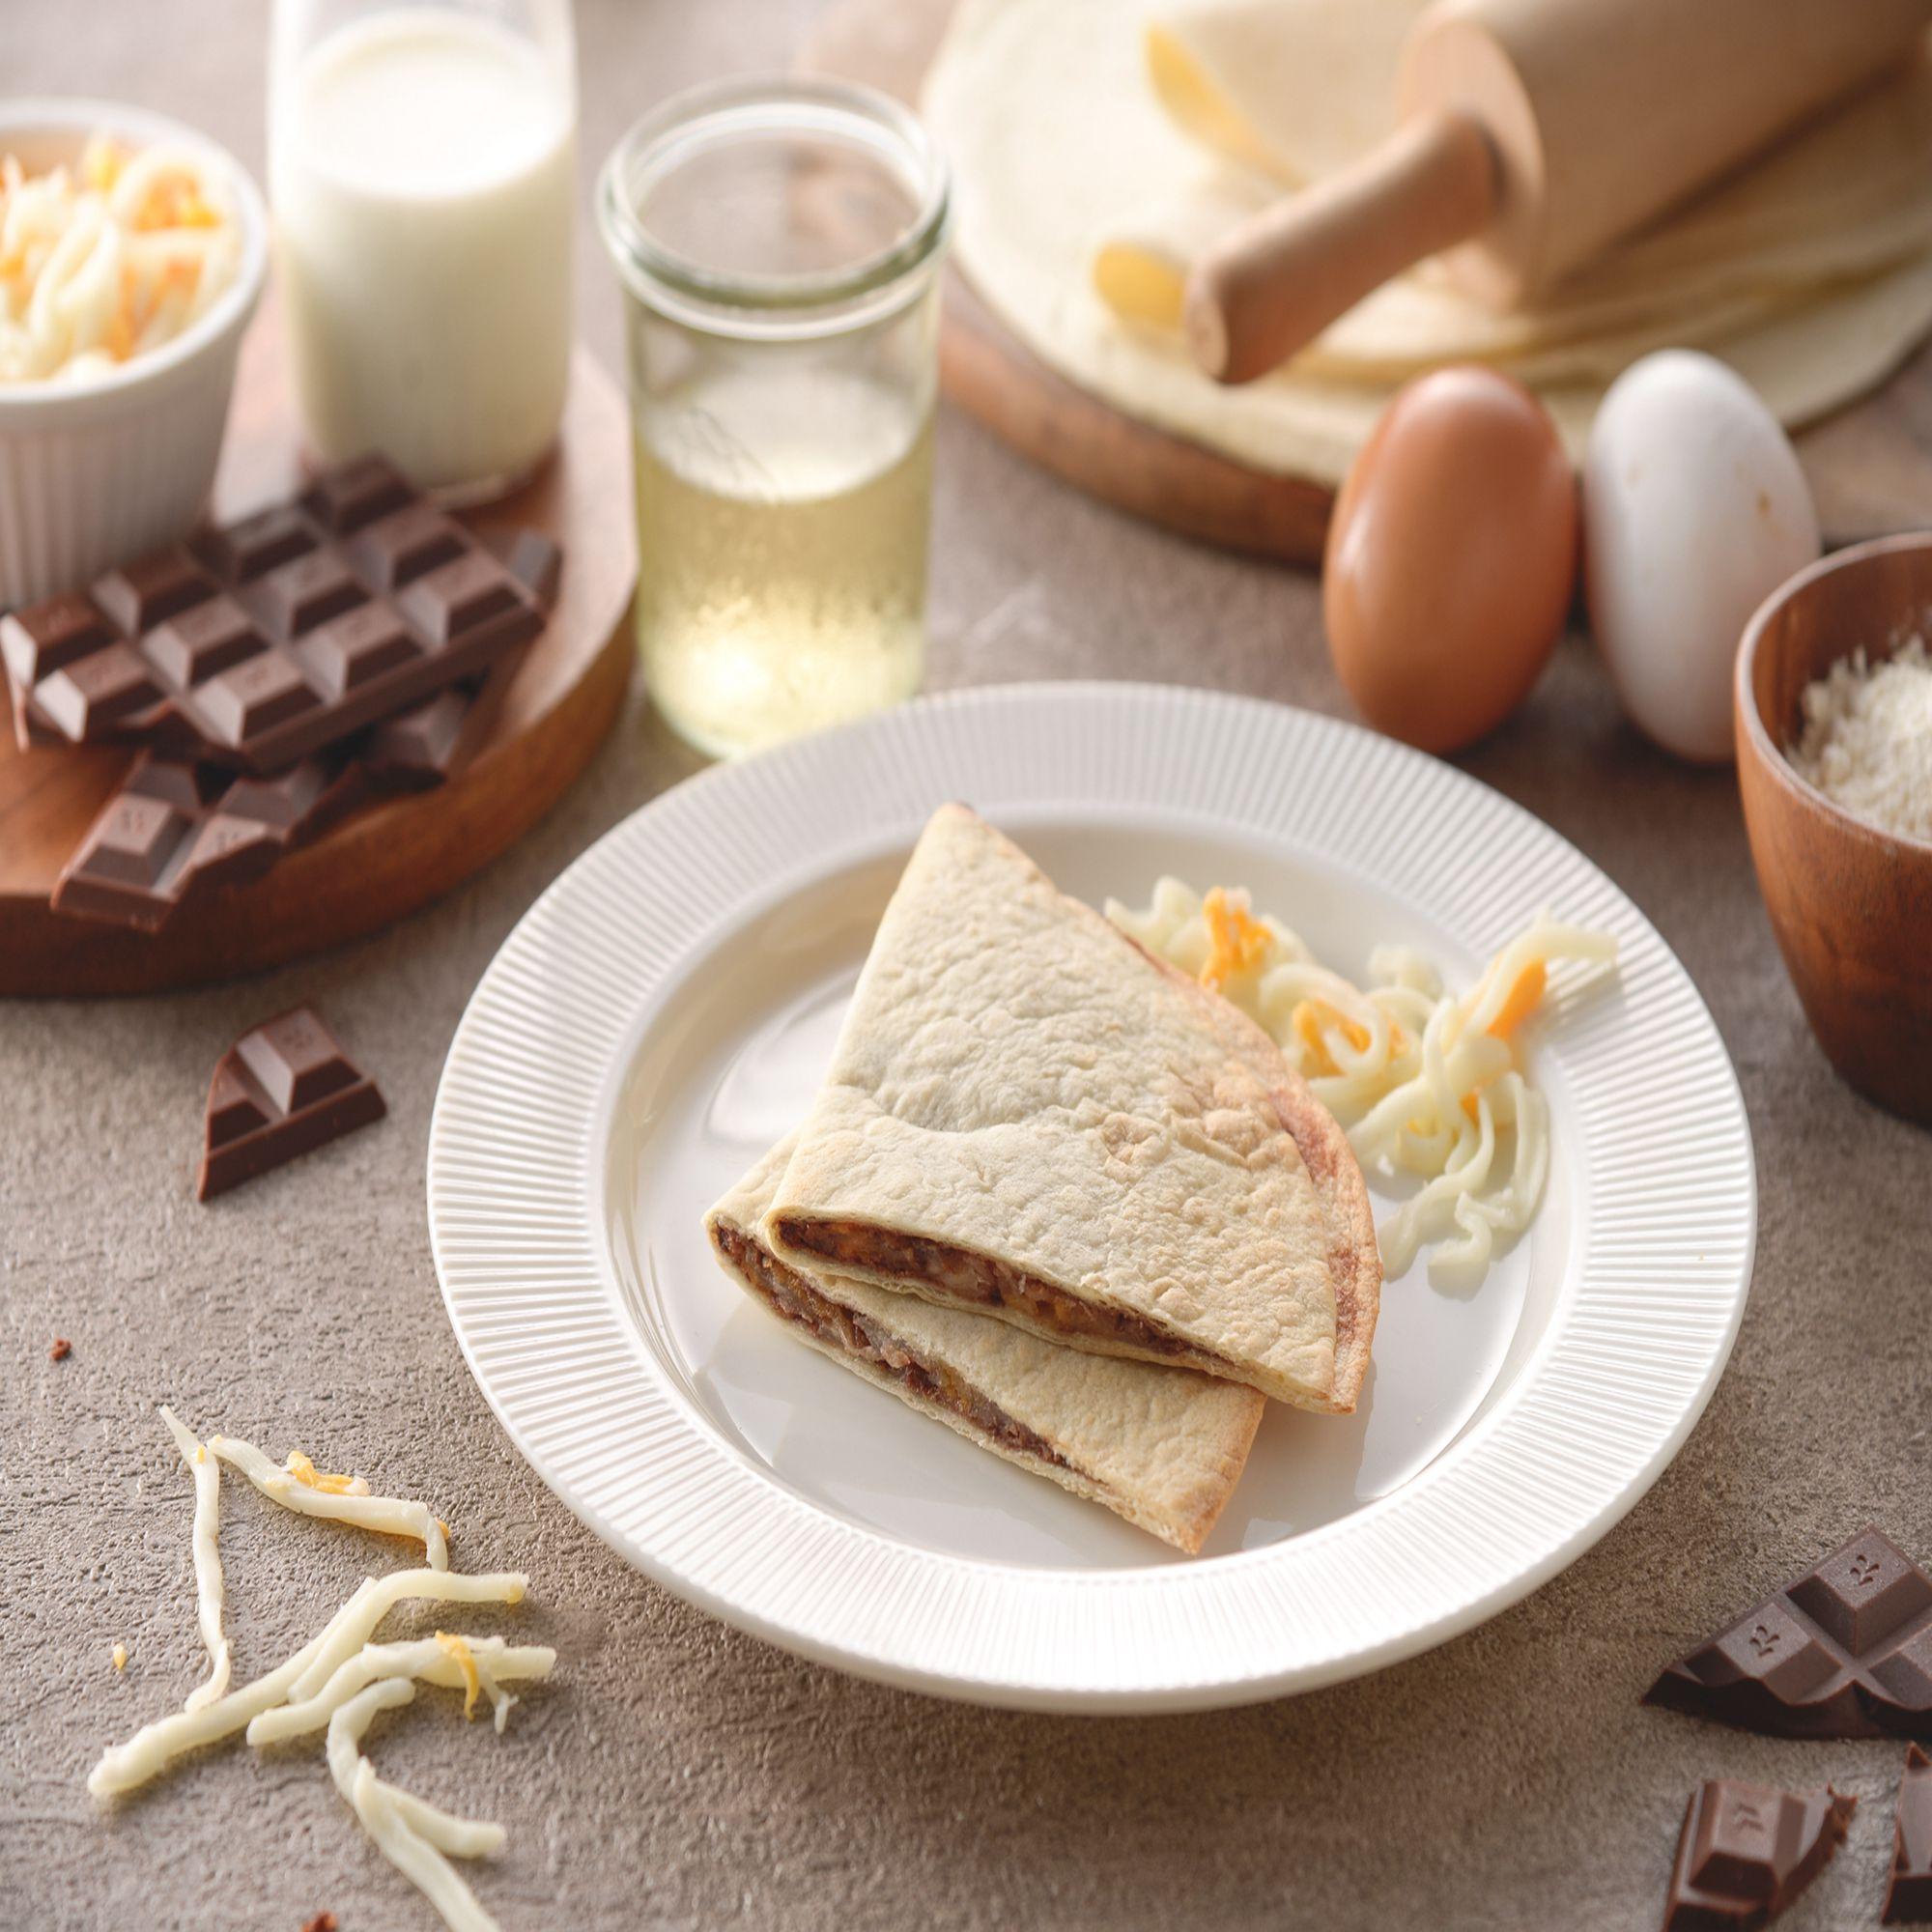 低卡脆皮義式起司烤餅【甜口味|10入】 加熱點心 微波食品 簡單料理 17新鮮美味坊